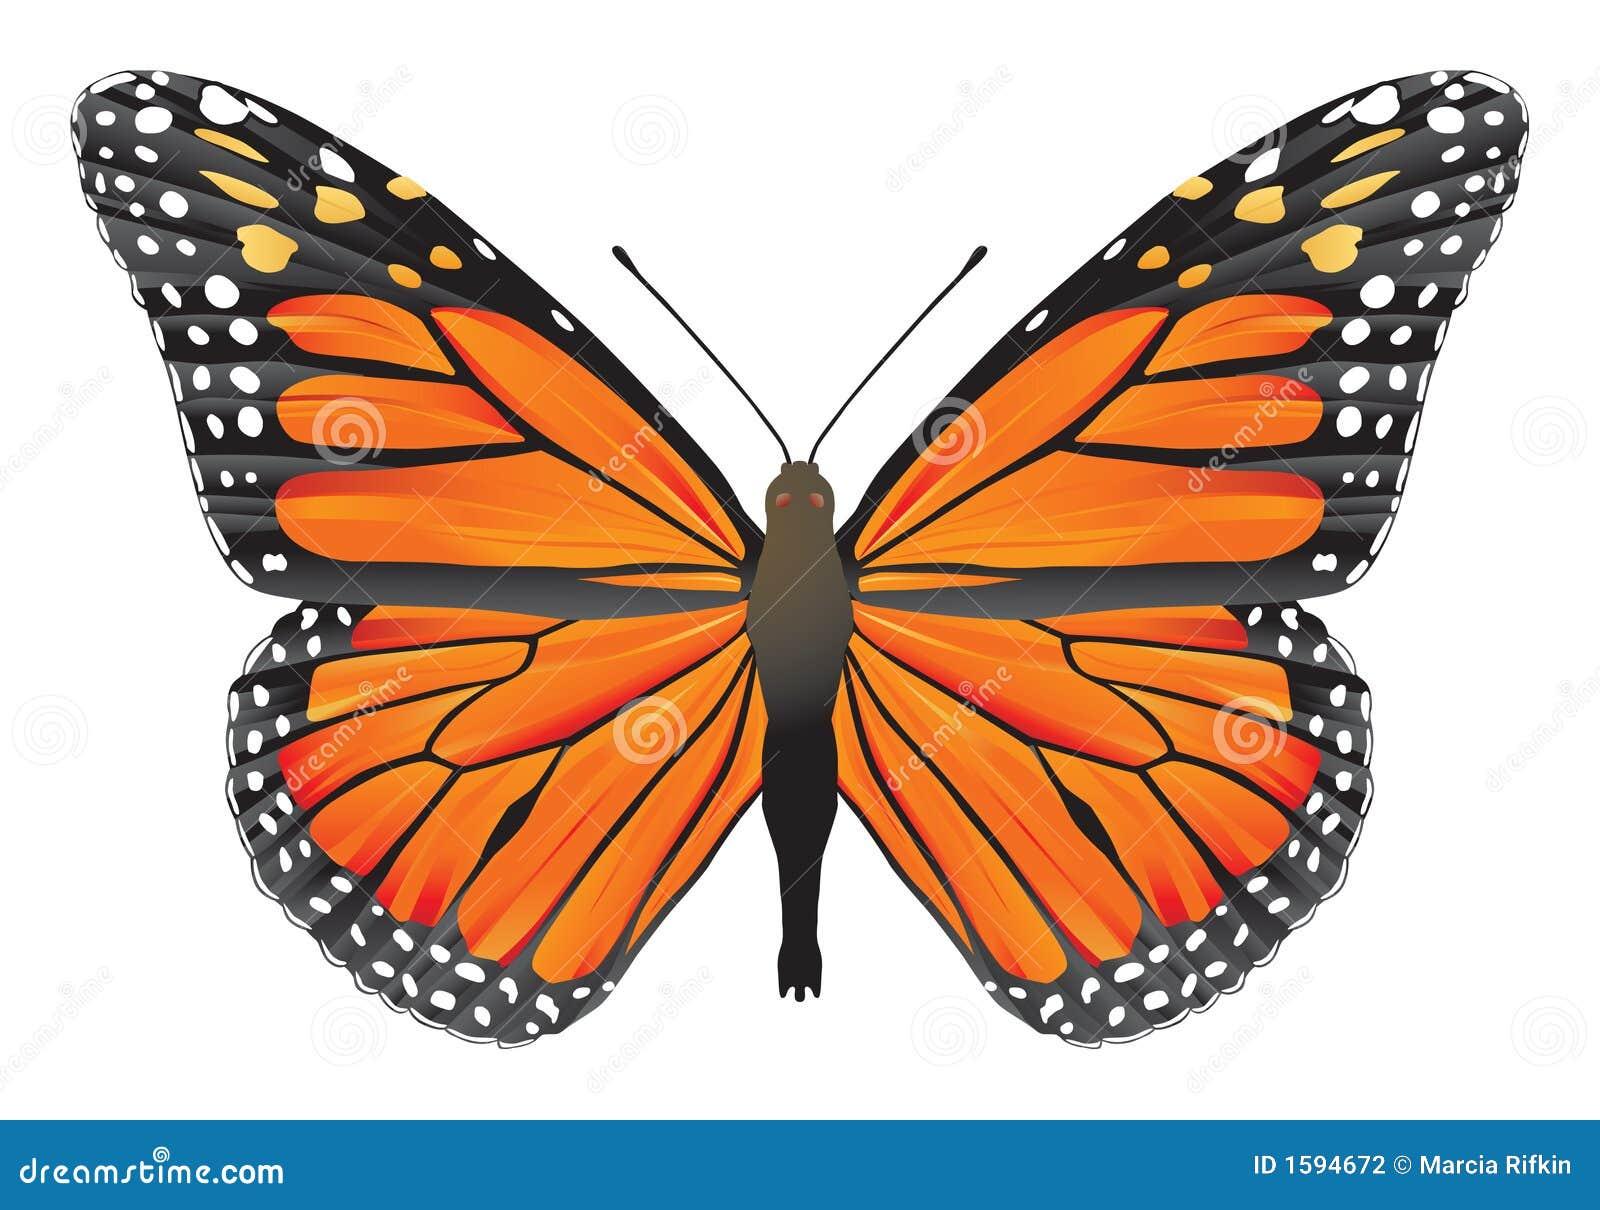 Image Gallery imagenes de una mariposa